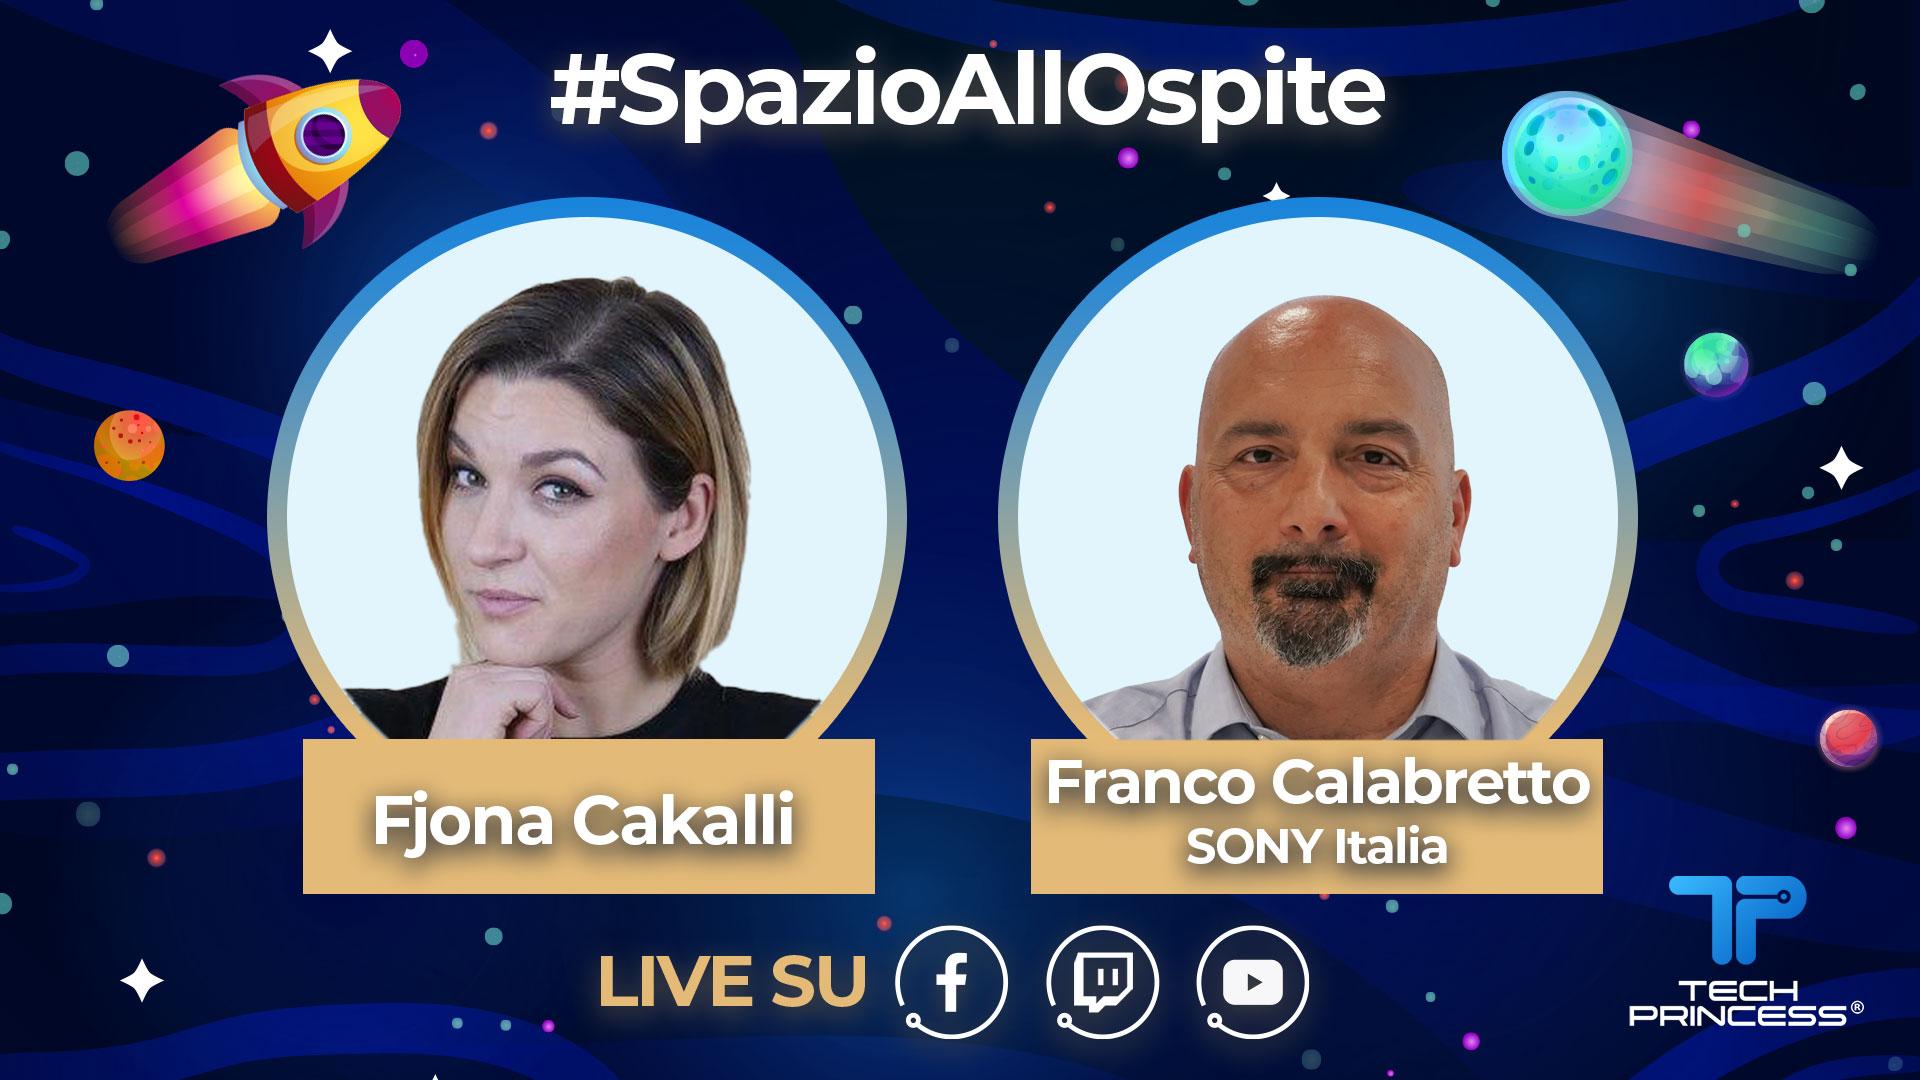 Franco Calabretto, SONY: intervista in diretta martedì 21 Aprile ore 18.00 | #SpazioAllOspite thumbnail